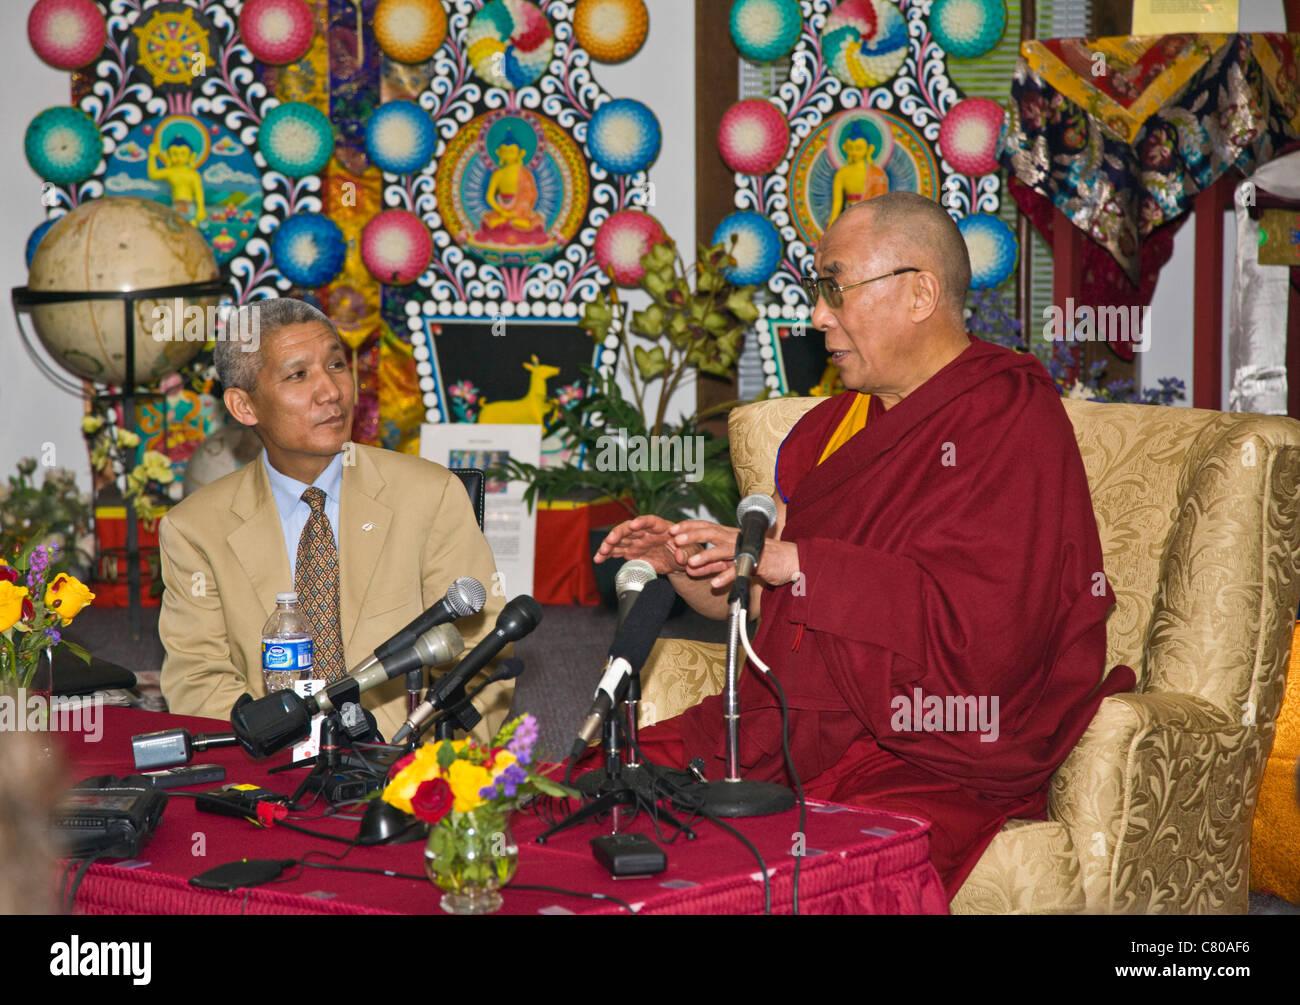 The 14th DALAI LAMA of Tibet at a press conference - BLOOMINGTON, INDIANA - Stock Image